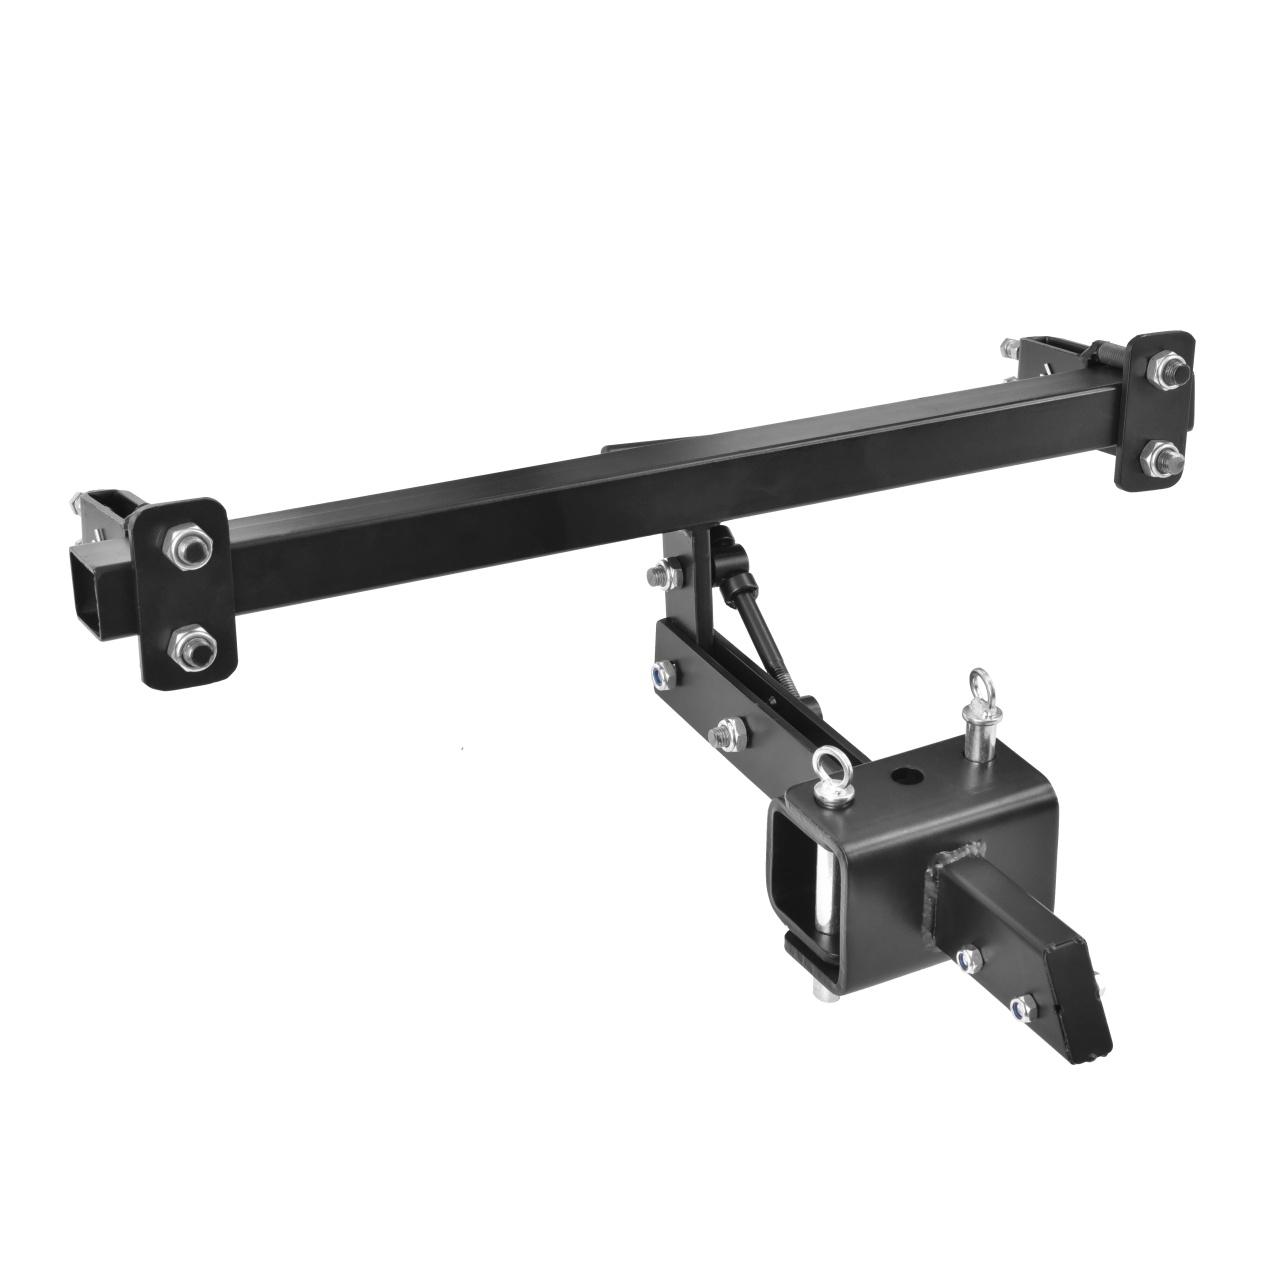 HECHT 8001022 - Nosník pro montáž příslušenství